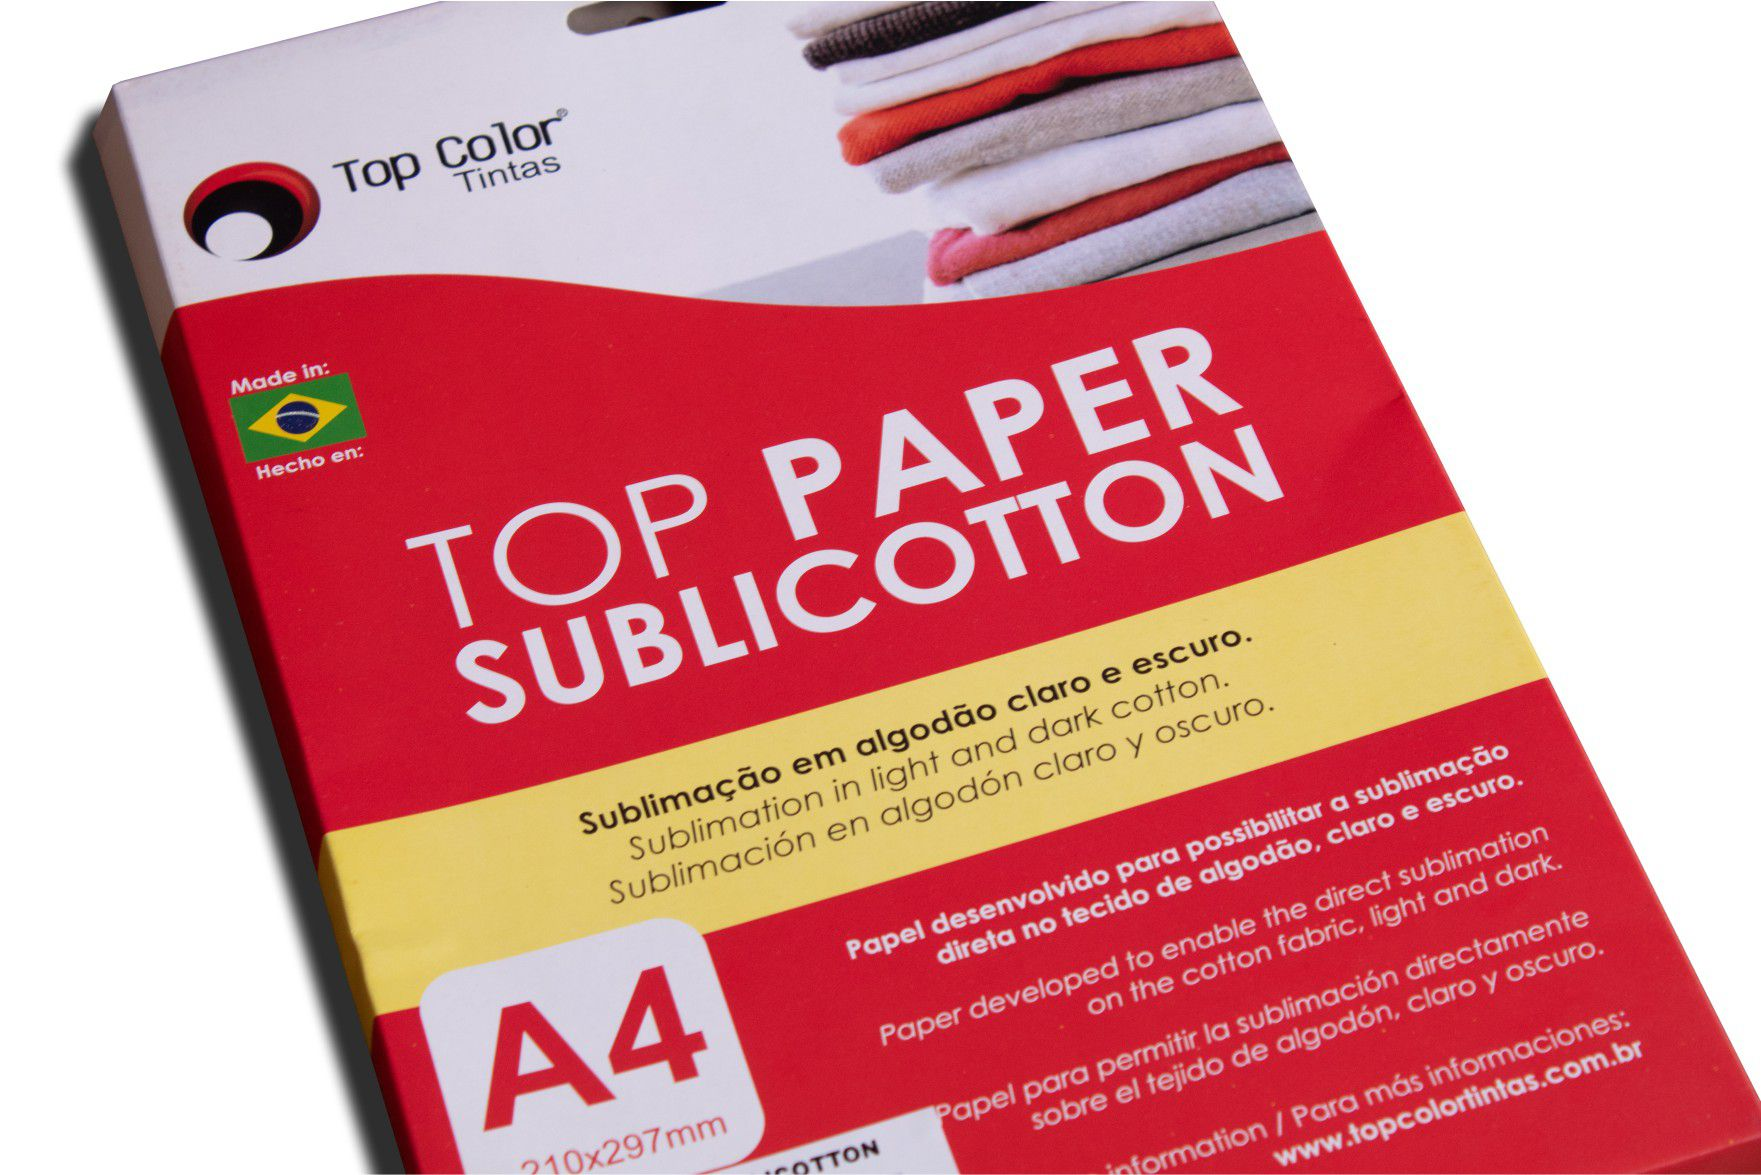 TOP PAPER SUBLICOTTON A4 - caixa com 40 folhas